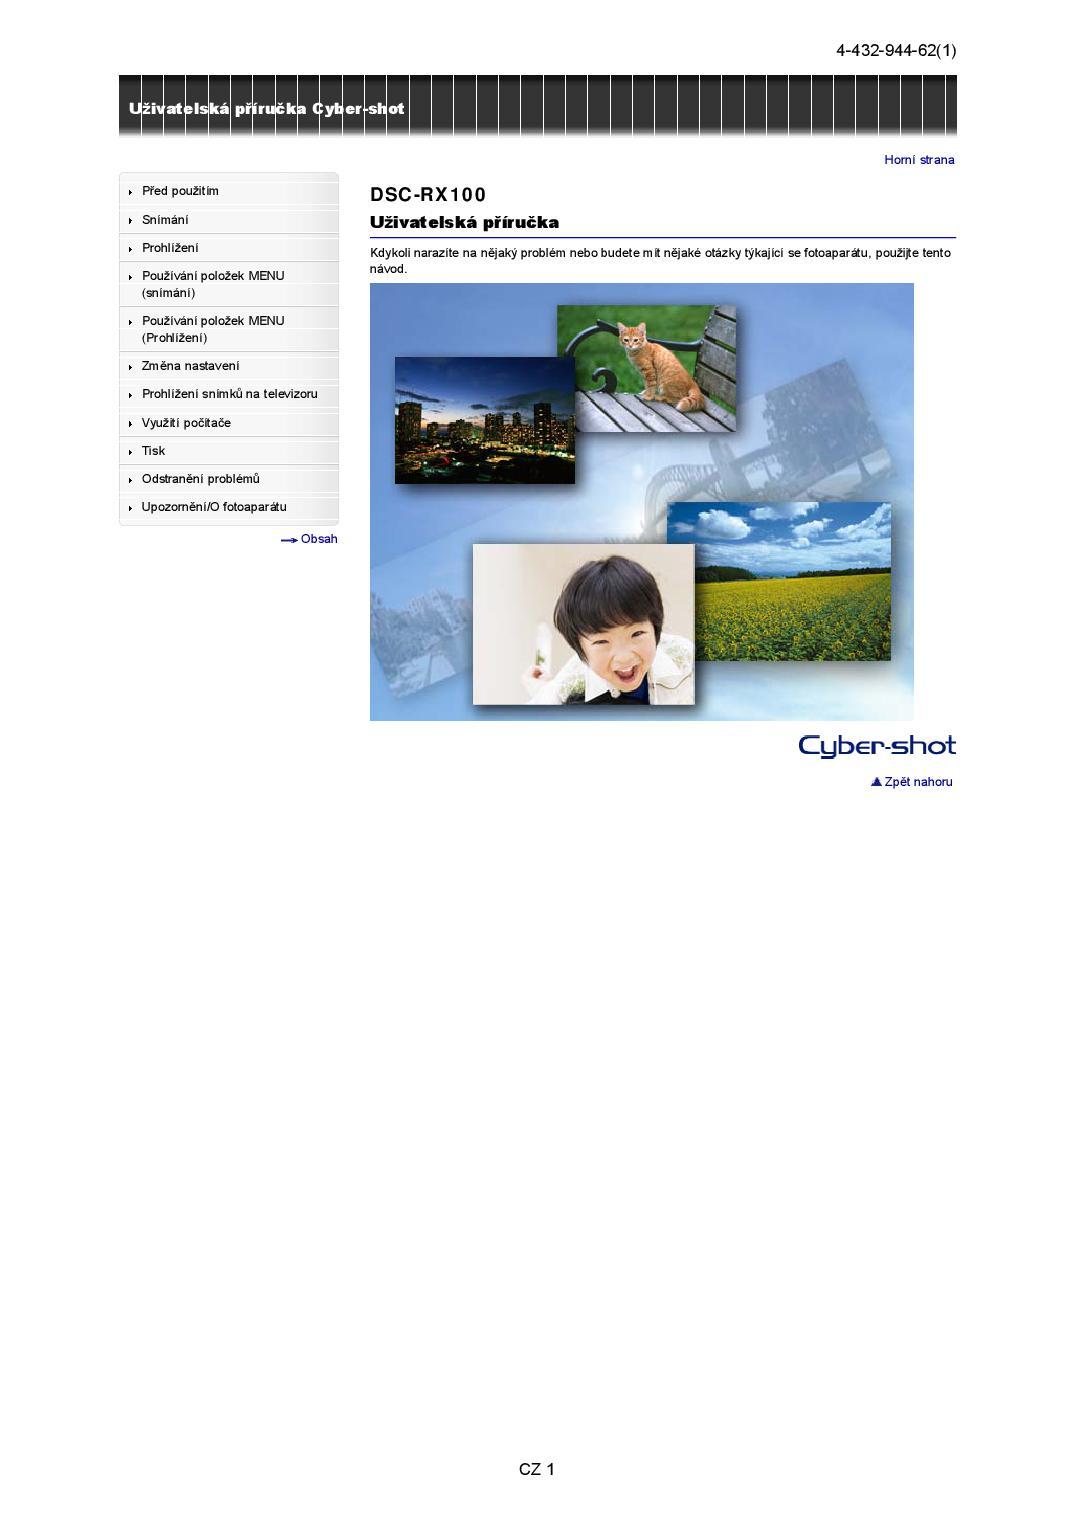 cyber shot dsc rx100 manual